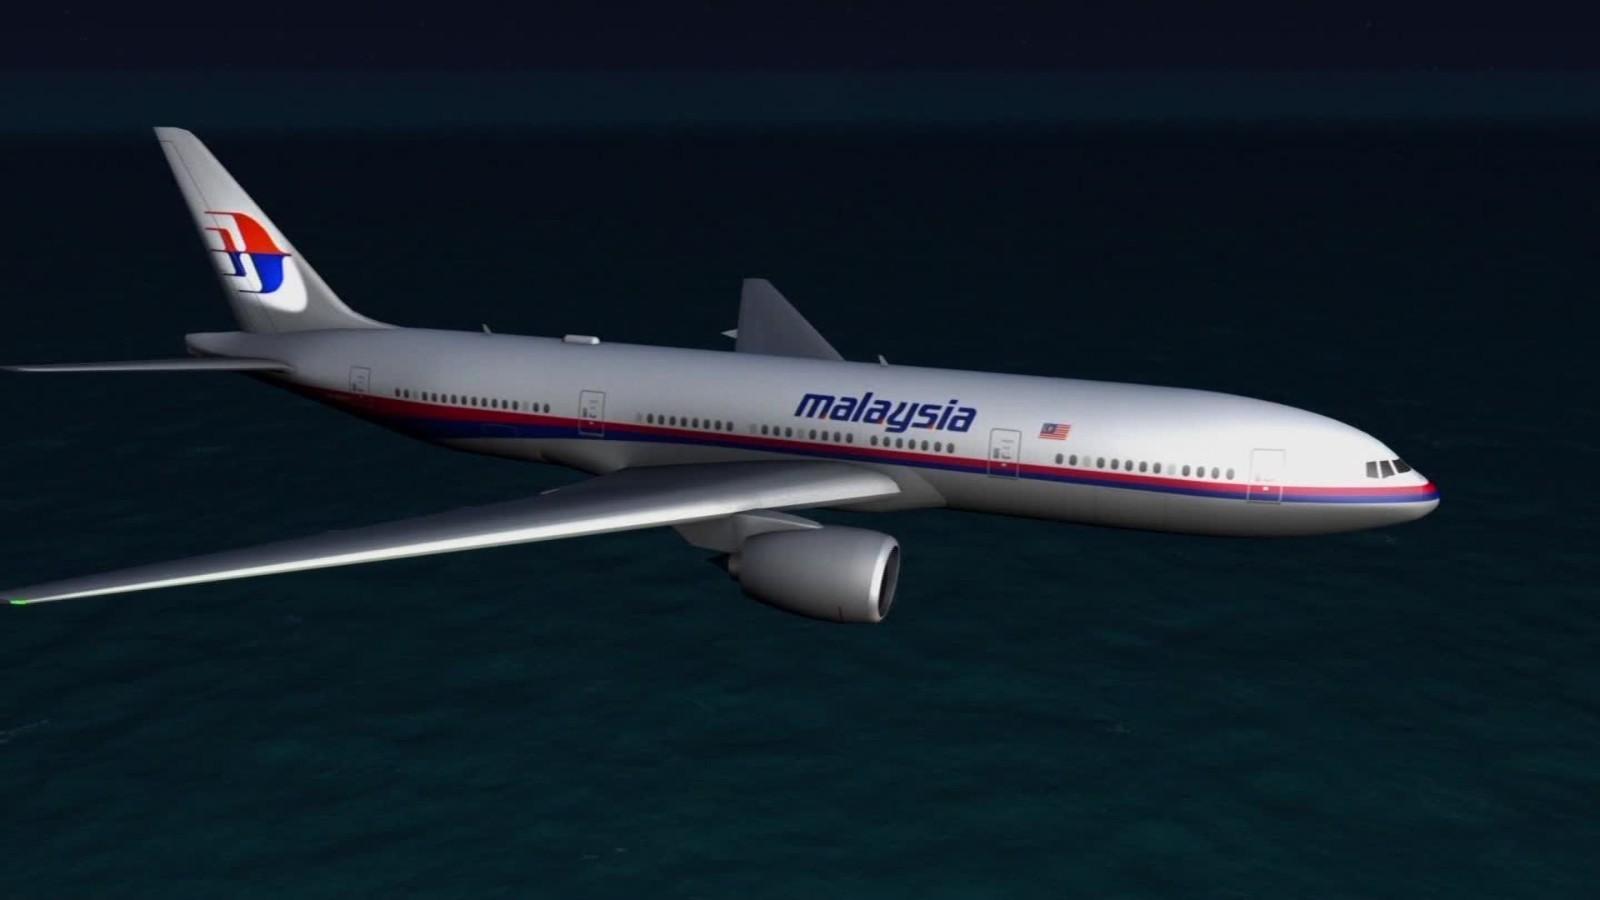 死亡之坠!分析称MH370每分钟万米速度直坠入海 - 纽约文摘 - 纽约文摘